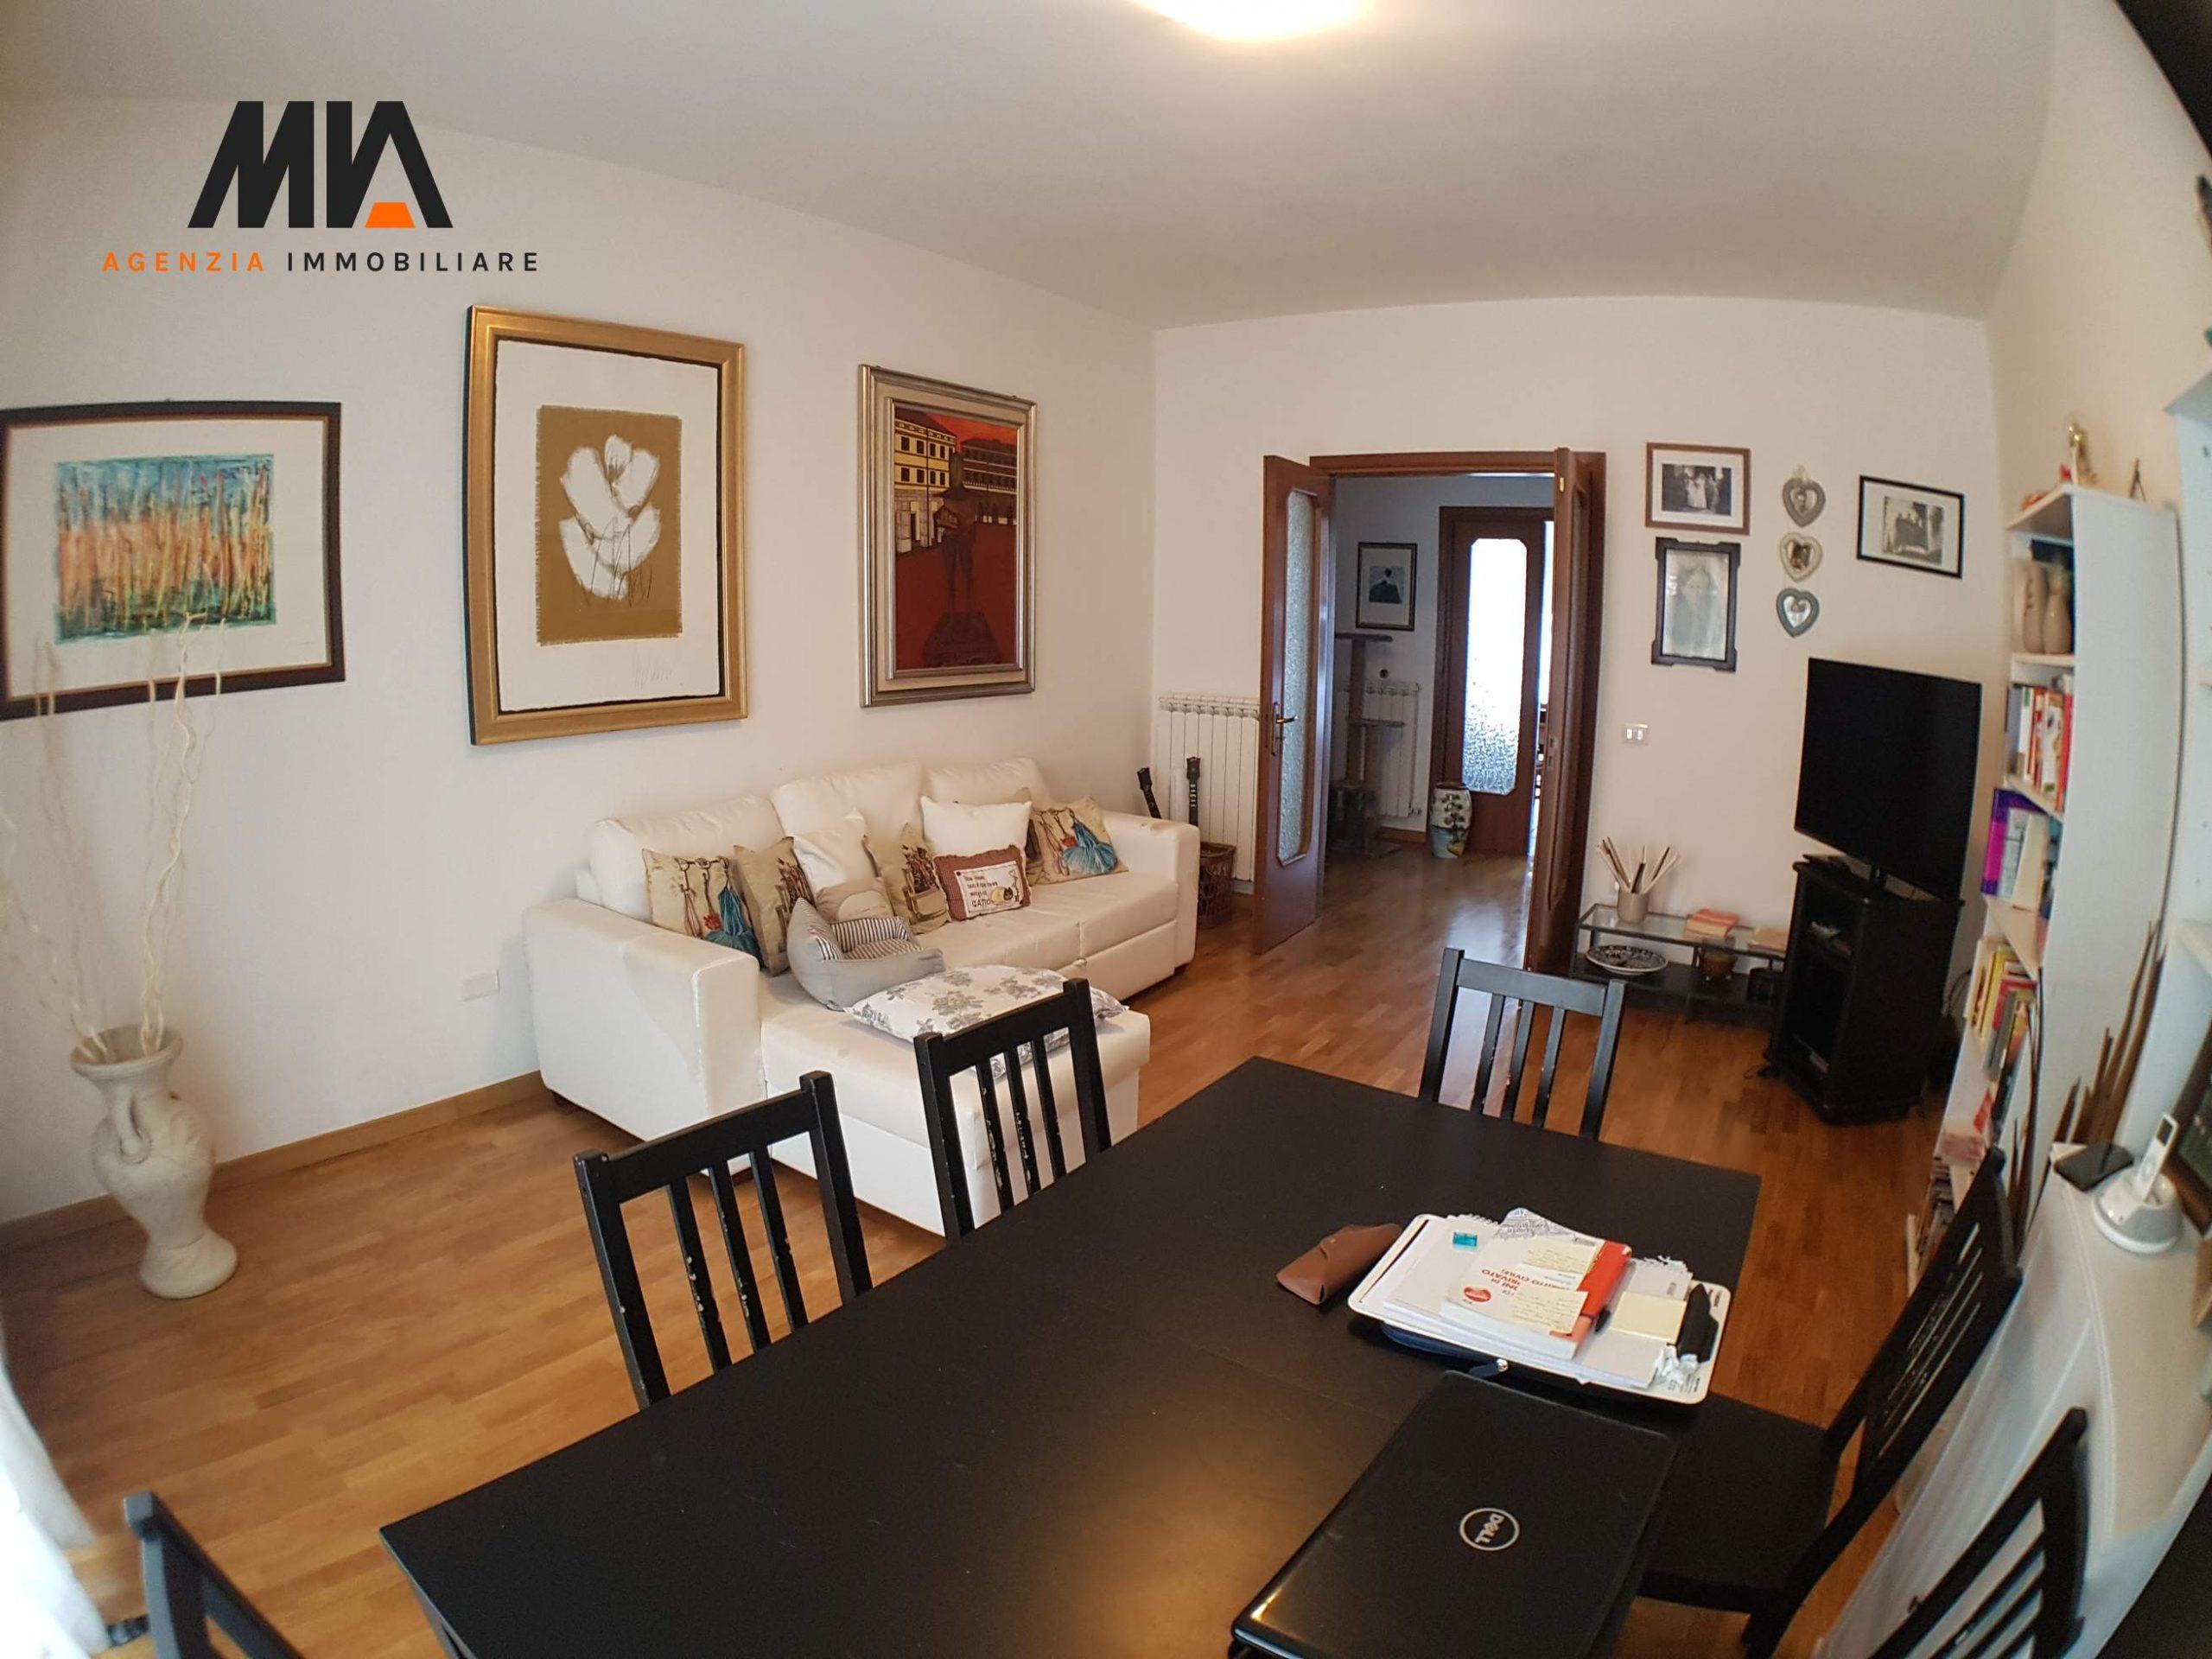 AFFITTO: Comodo Appartamento con giardinetto 110 mq zona servita